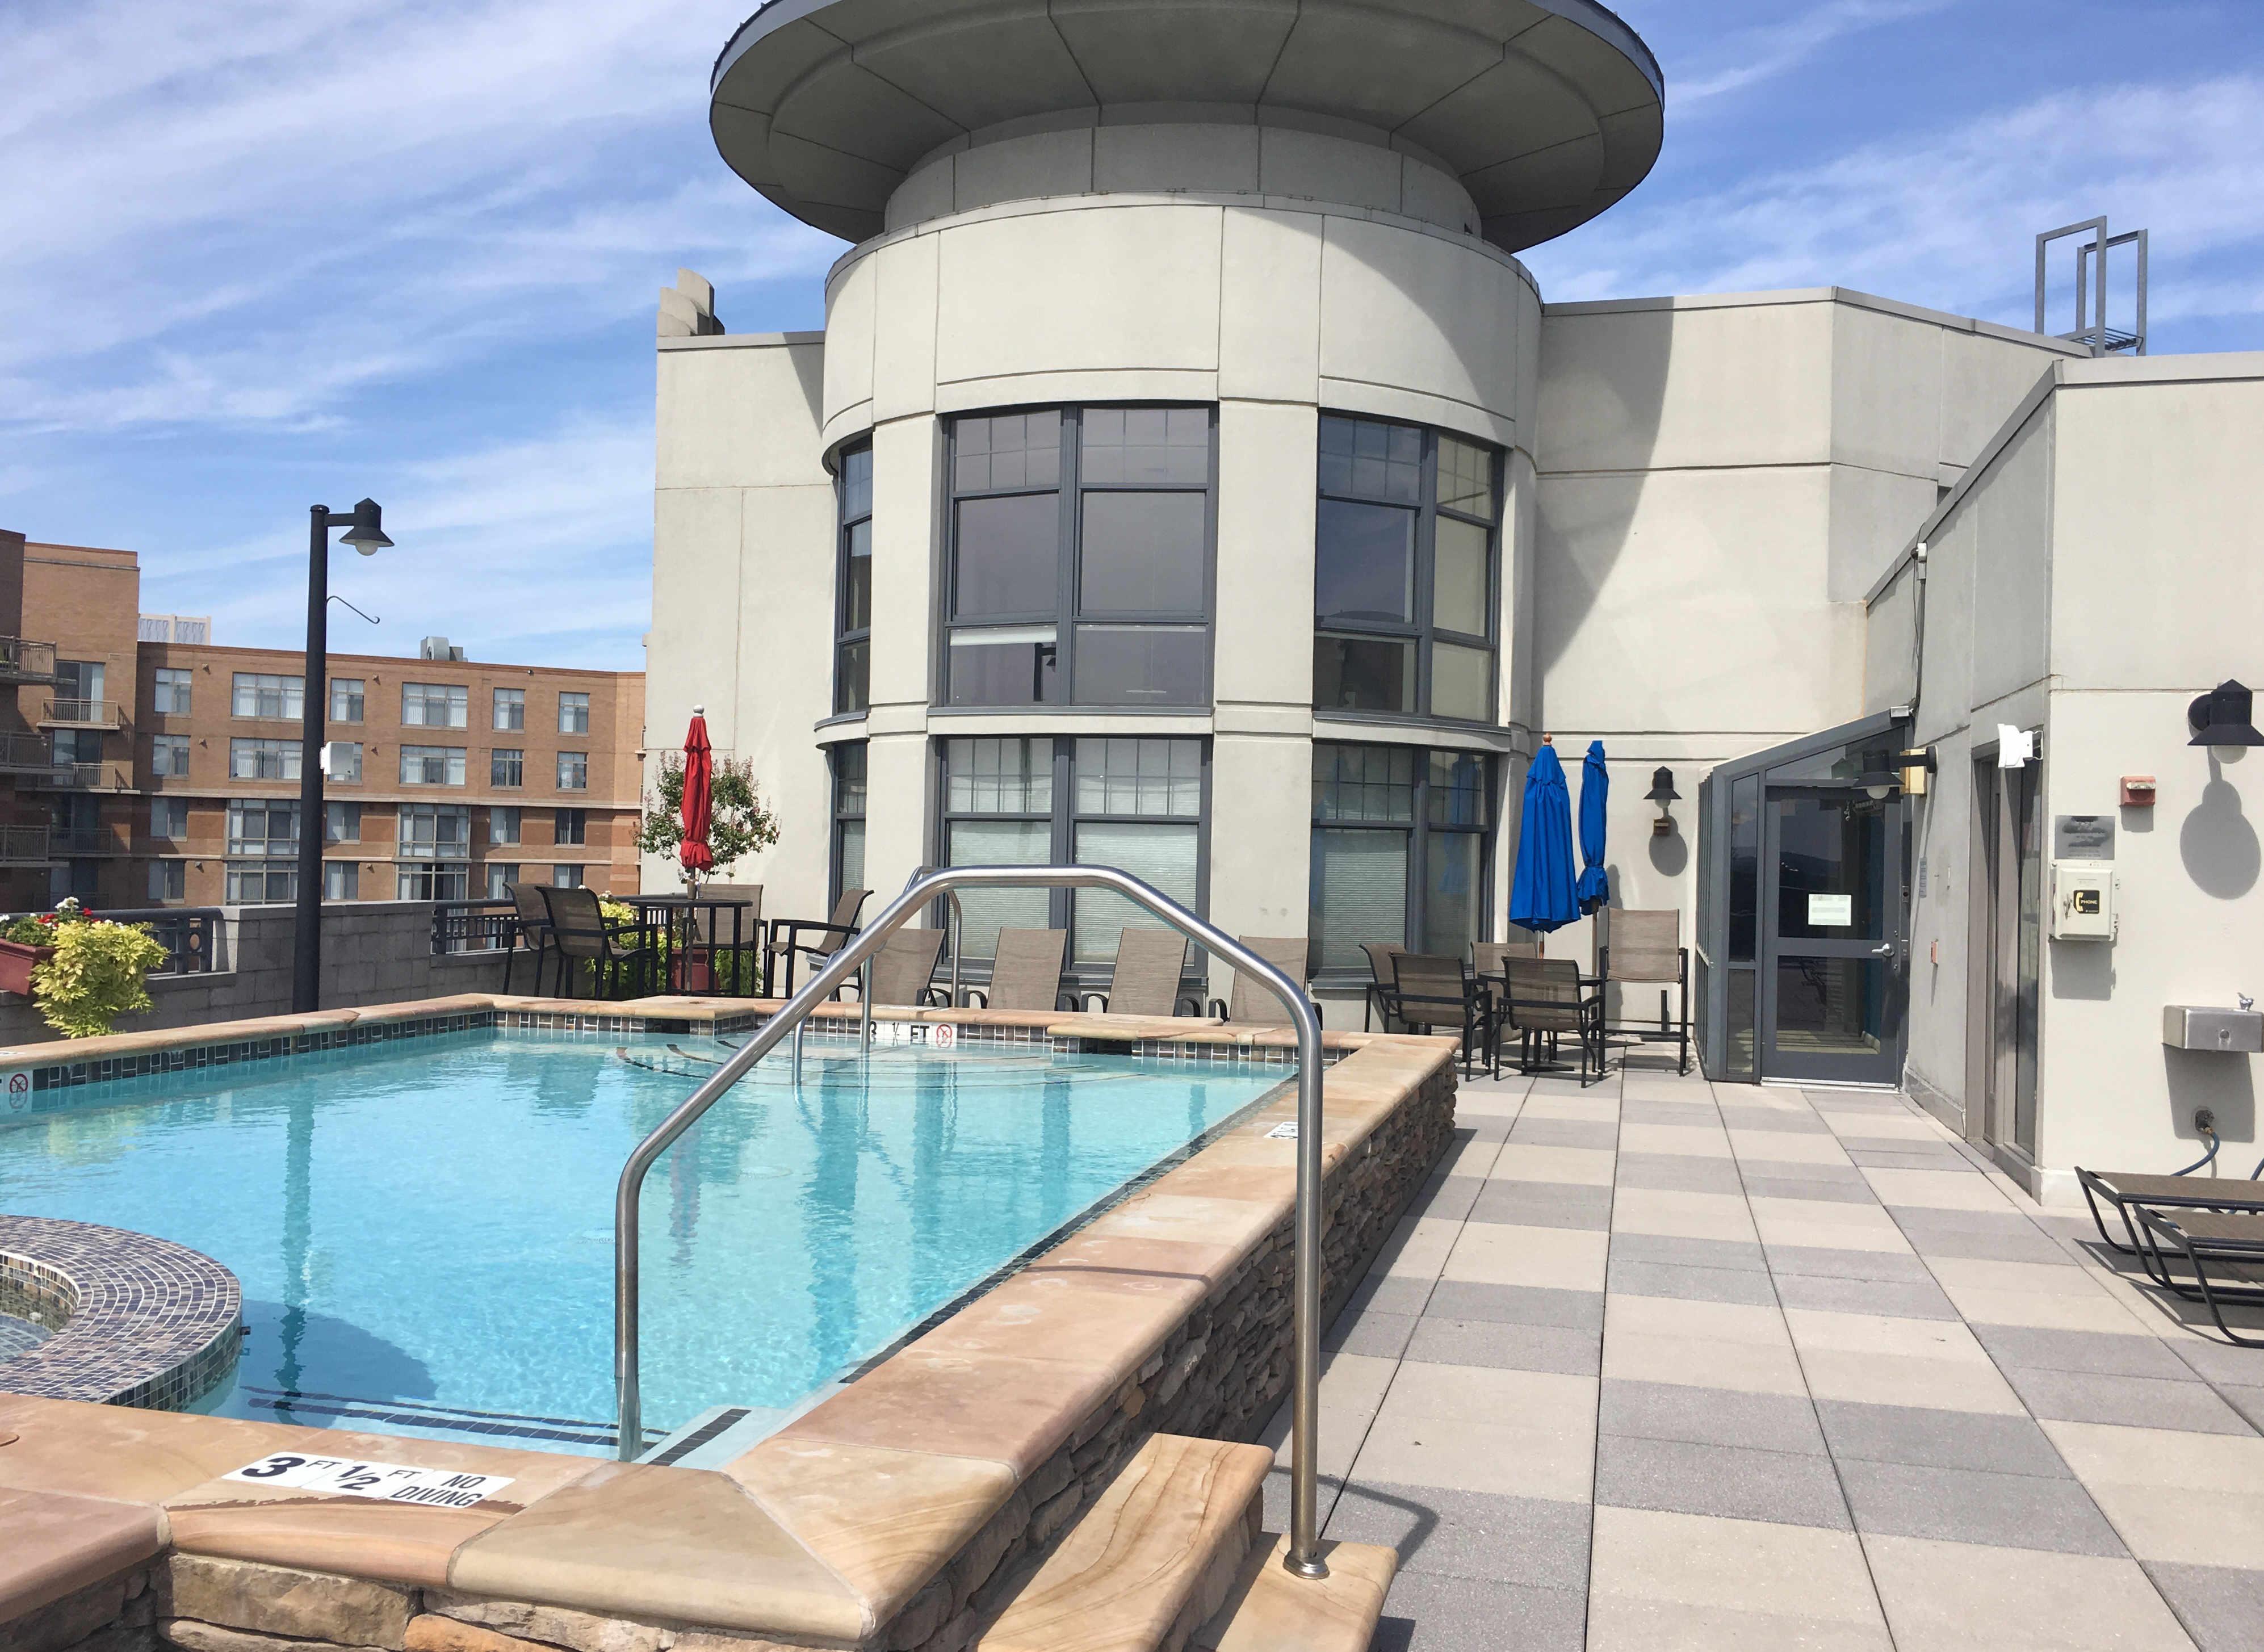 Pool Clarendon 1021